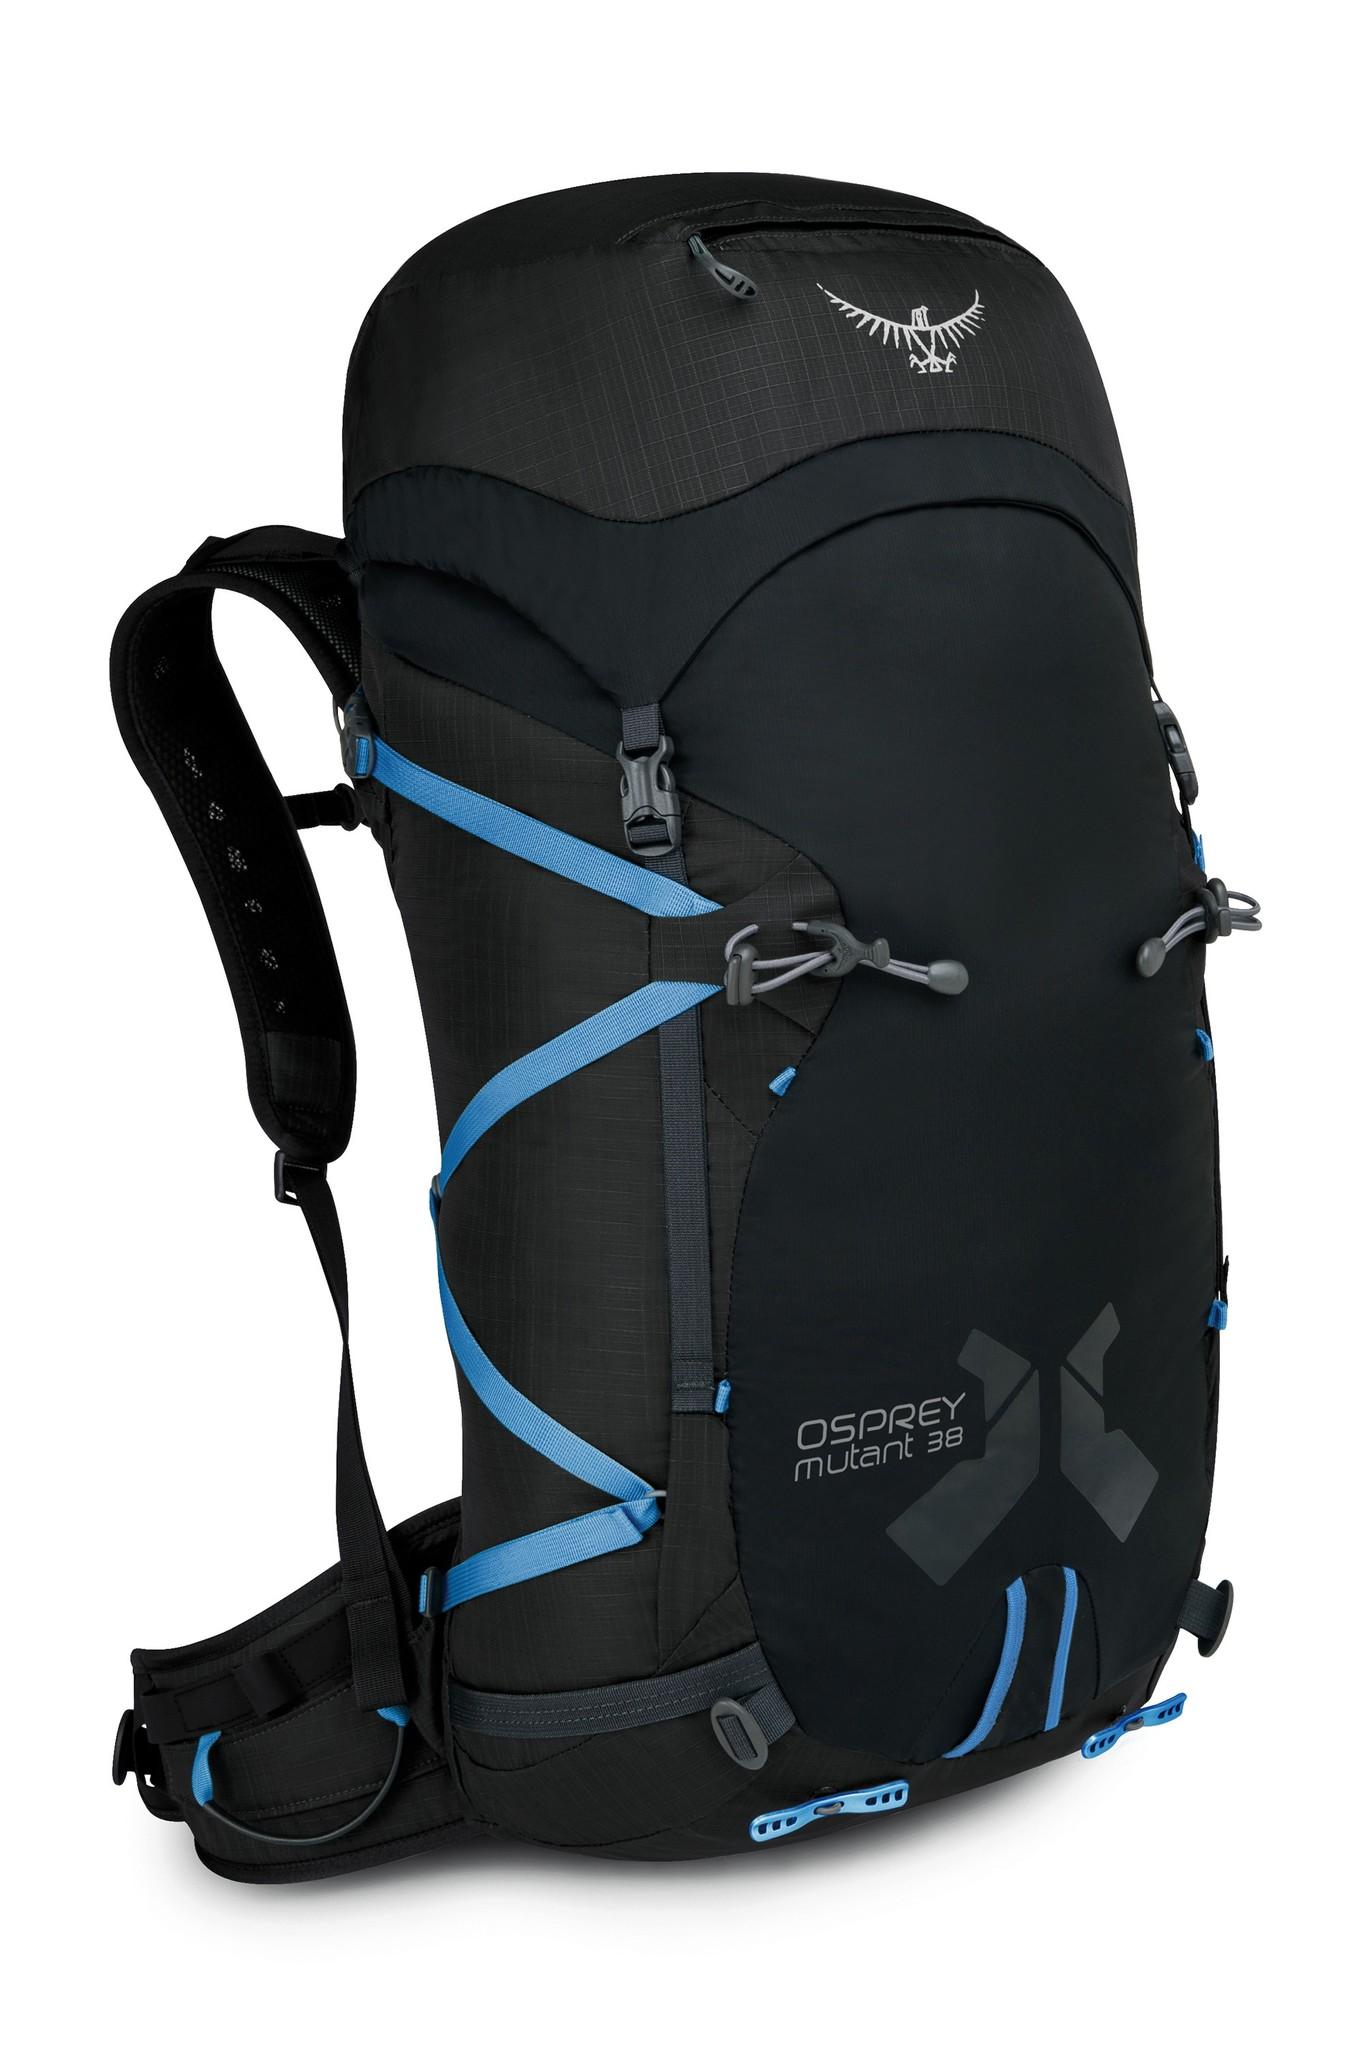 Туристические рюкзаки Рюкзак для восхождений Osprey Mutant 38 mutant-38_black_web_3.jpg